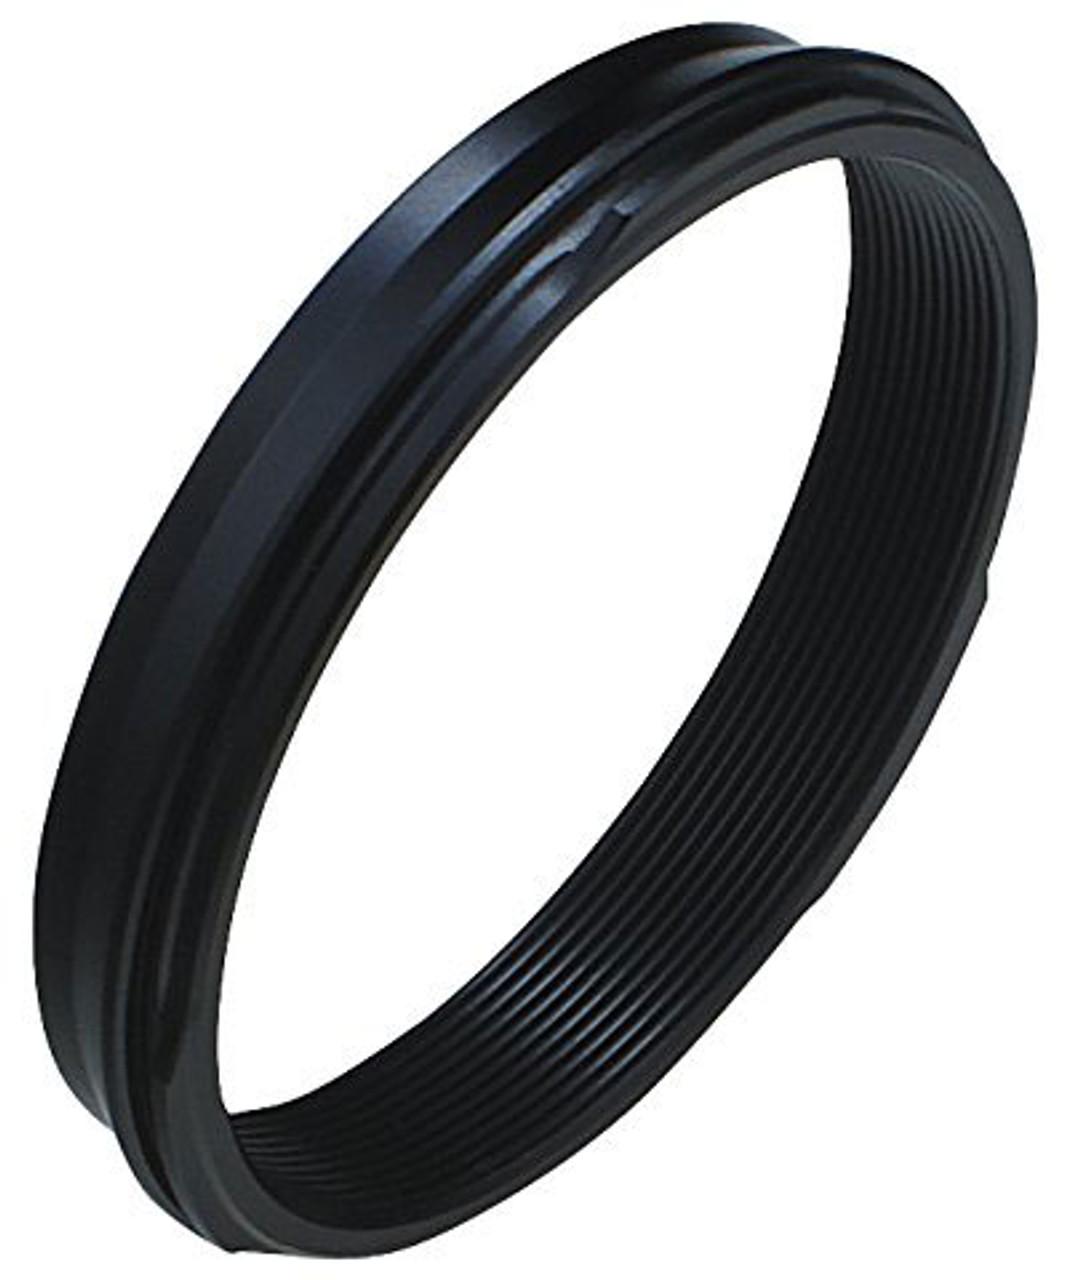 Fujifilm AR-X100 Adapter Ring (Black)